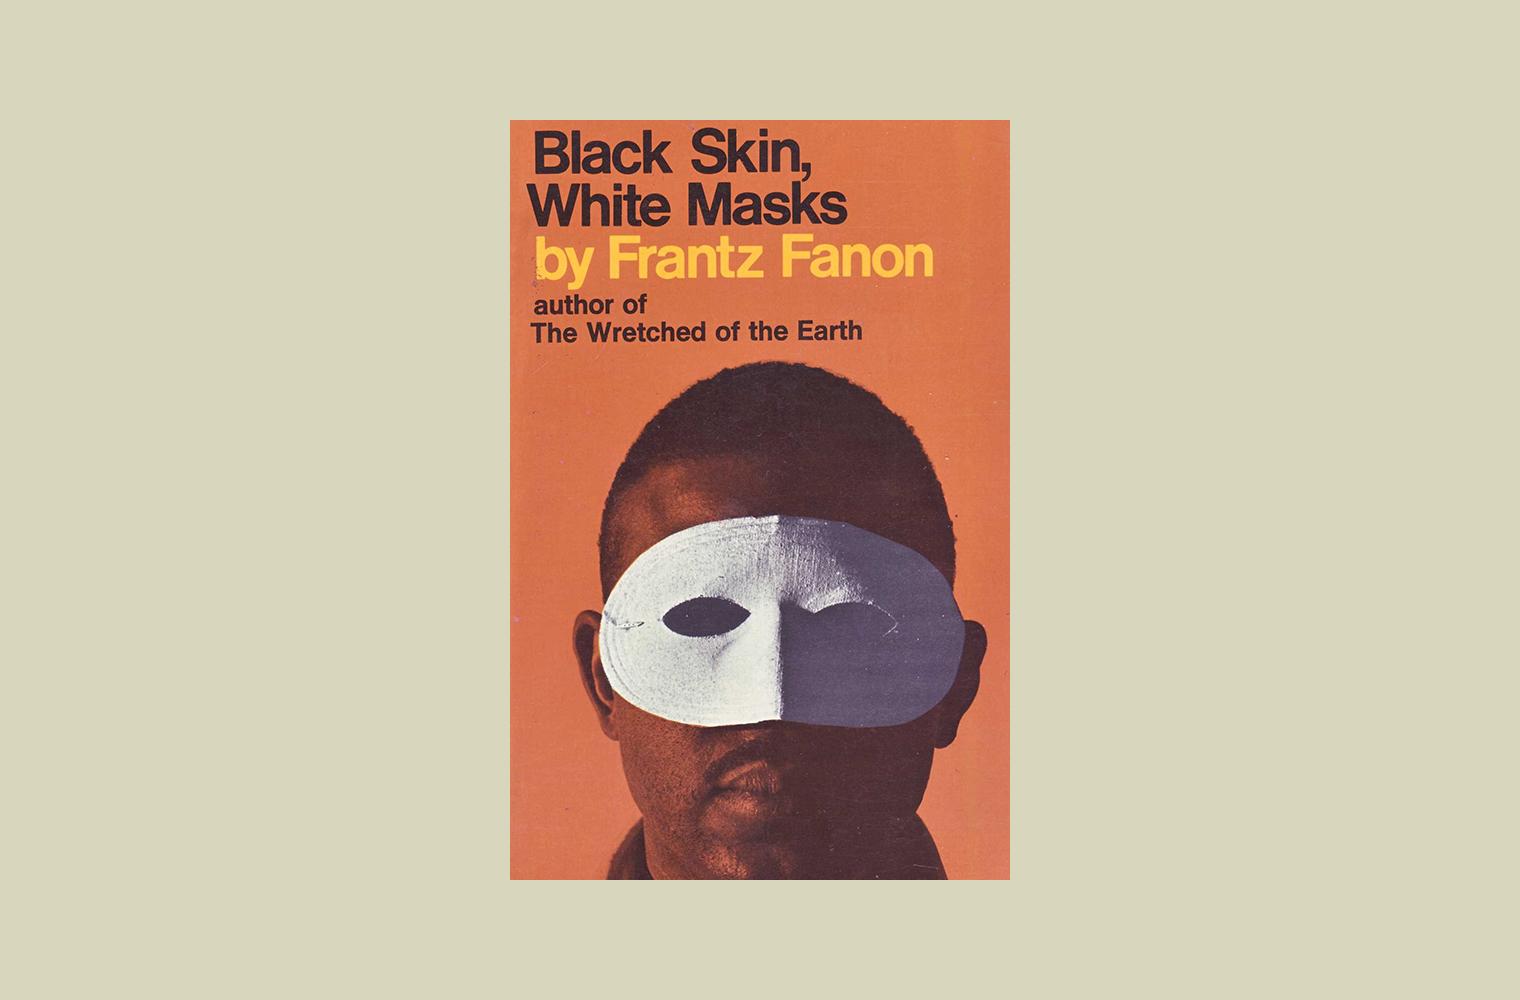 Расизм в книгах и фильмах - Черная кожа, белые маски